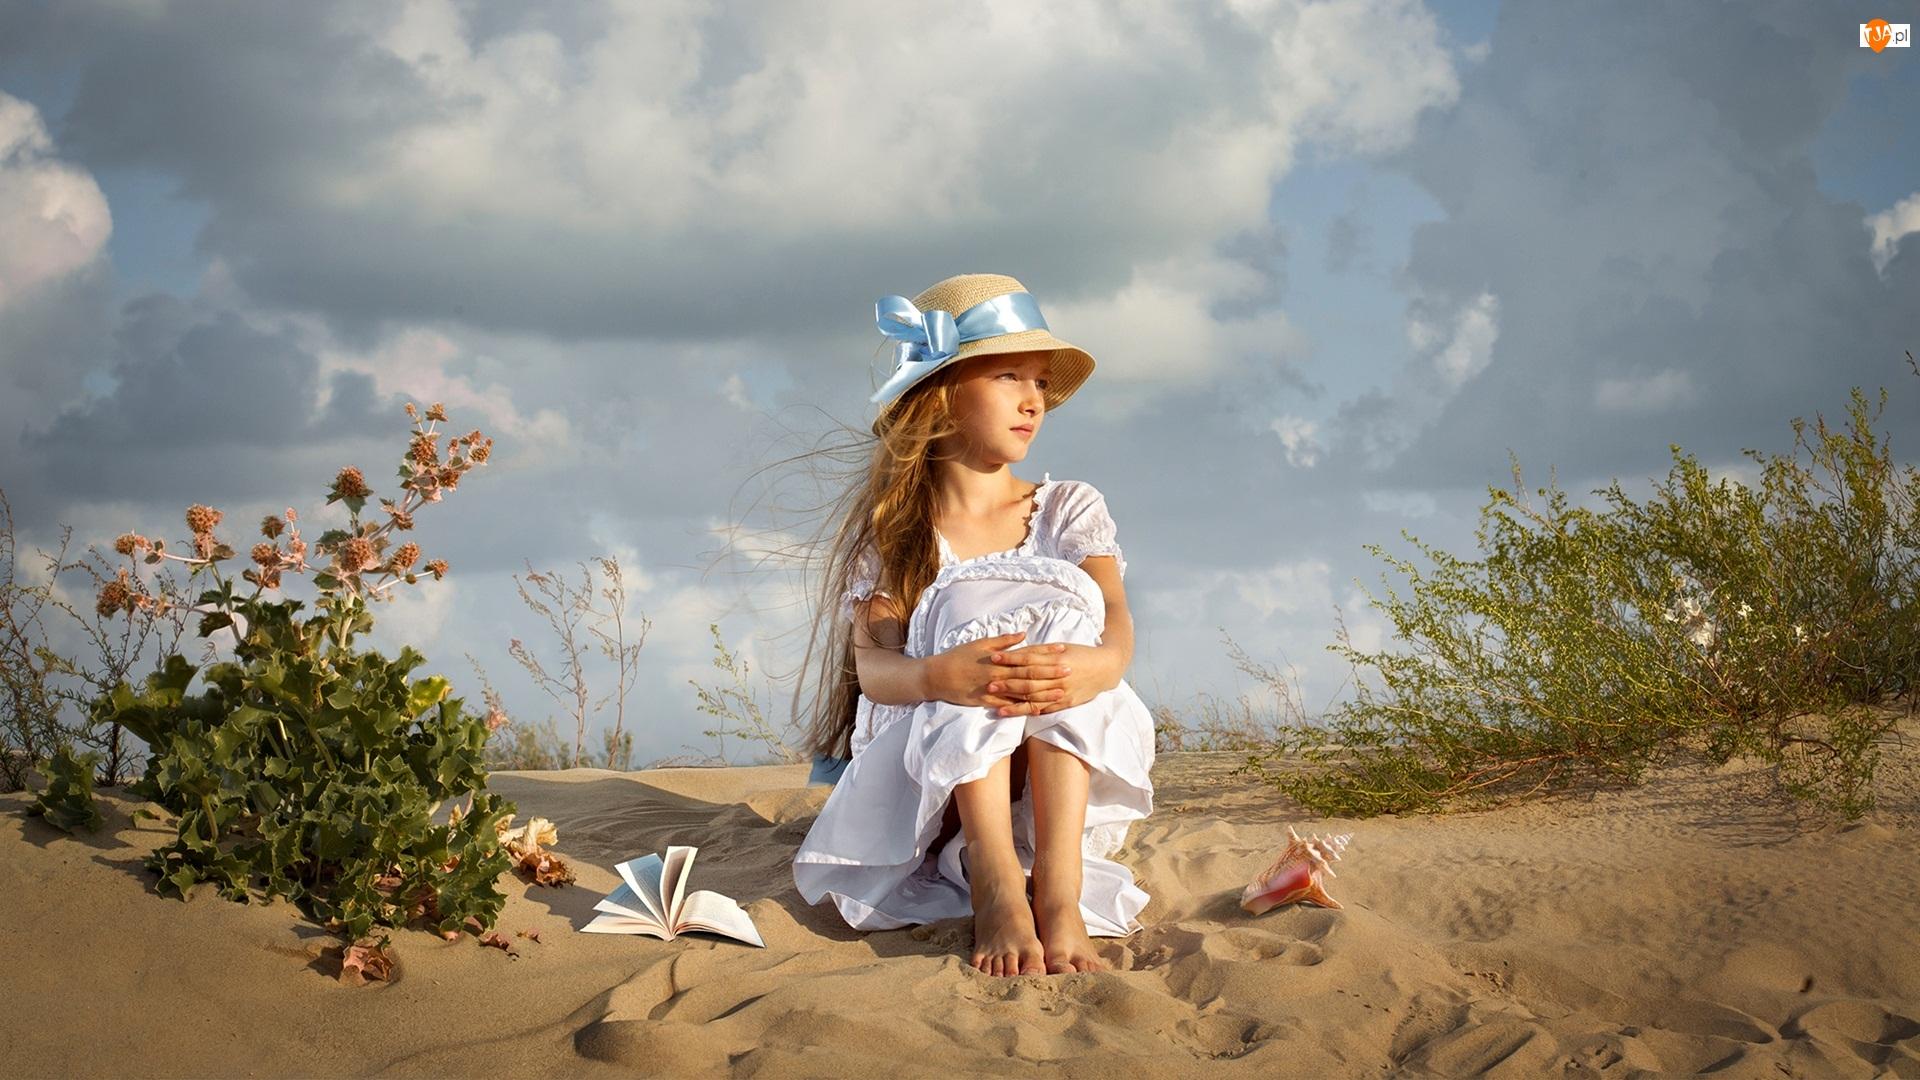 Kapelusz, Dziewczynka, Książka, Rośliny, Plaża, Muszla